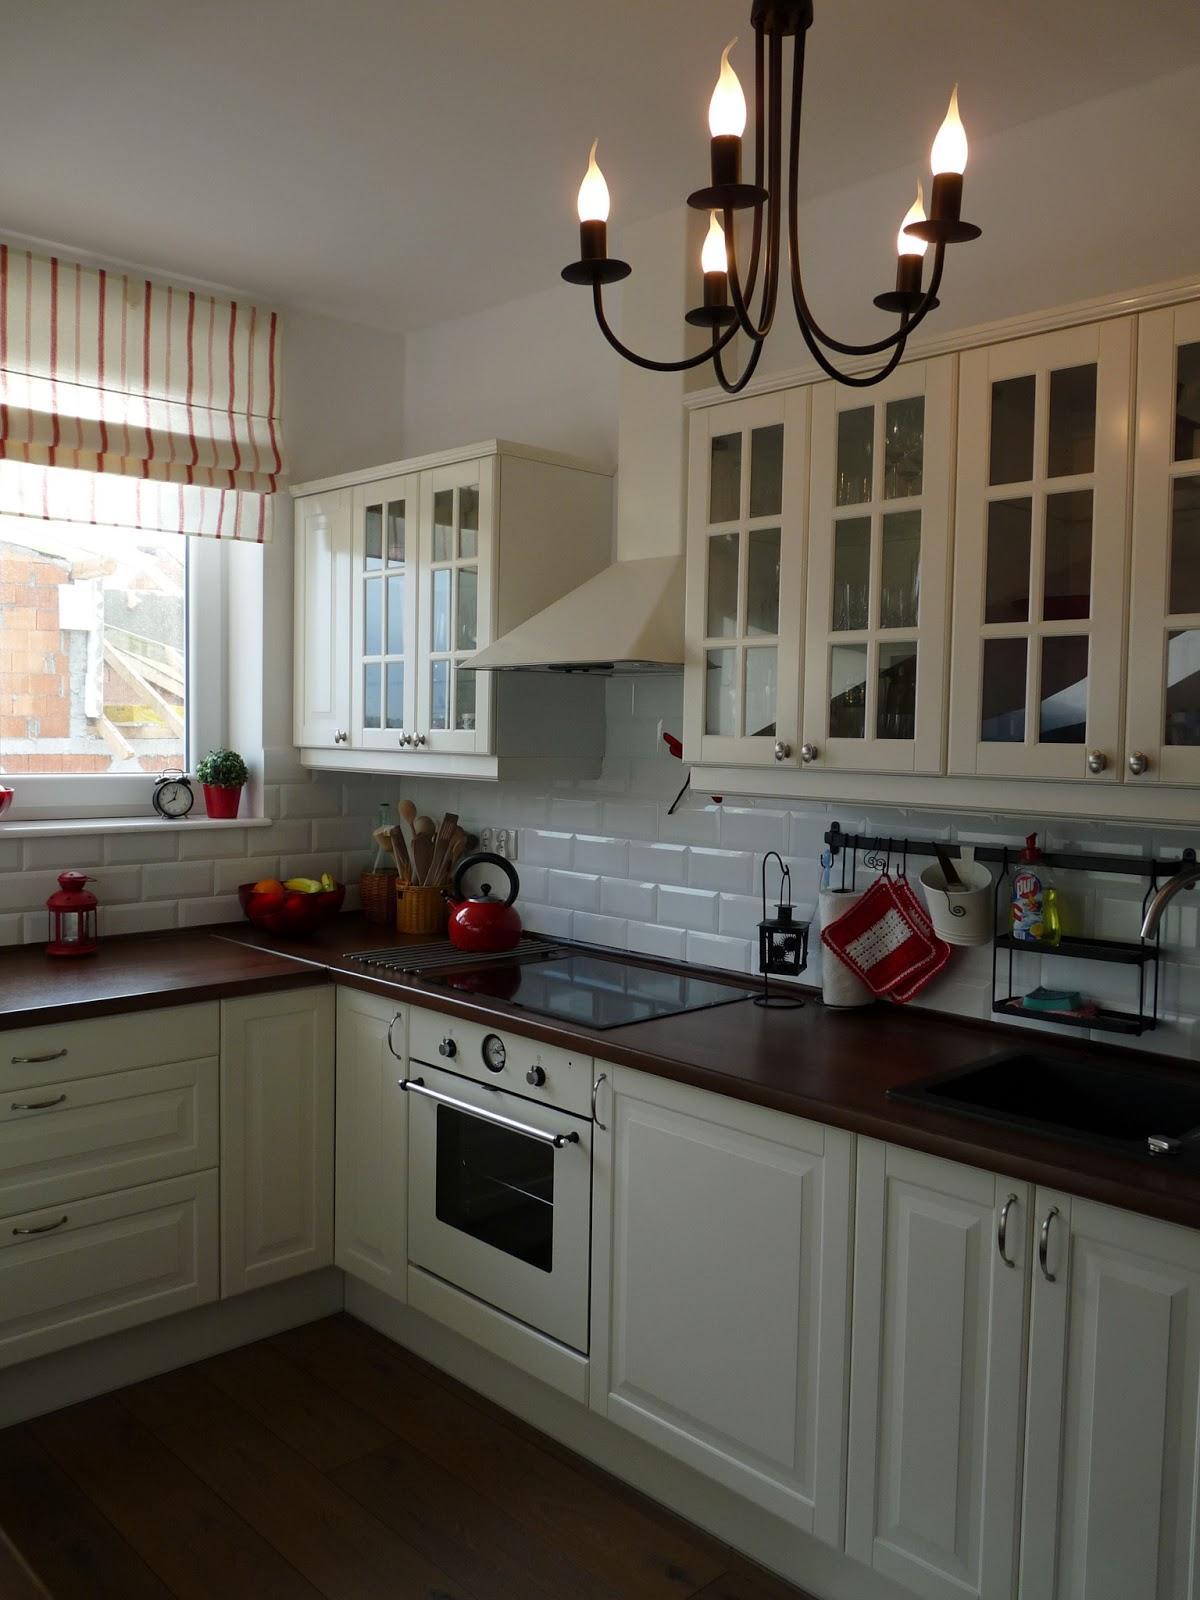 Kalinkowo Moja biała kuchnia z Ikei -> Kuchnia Ikea Opinie